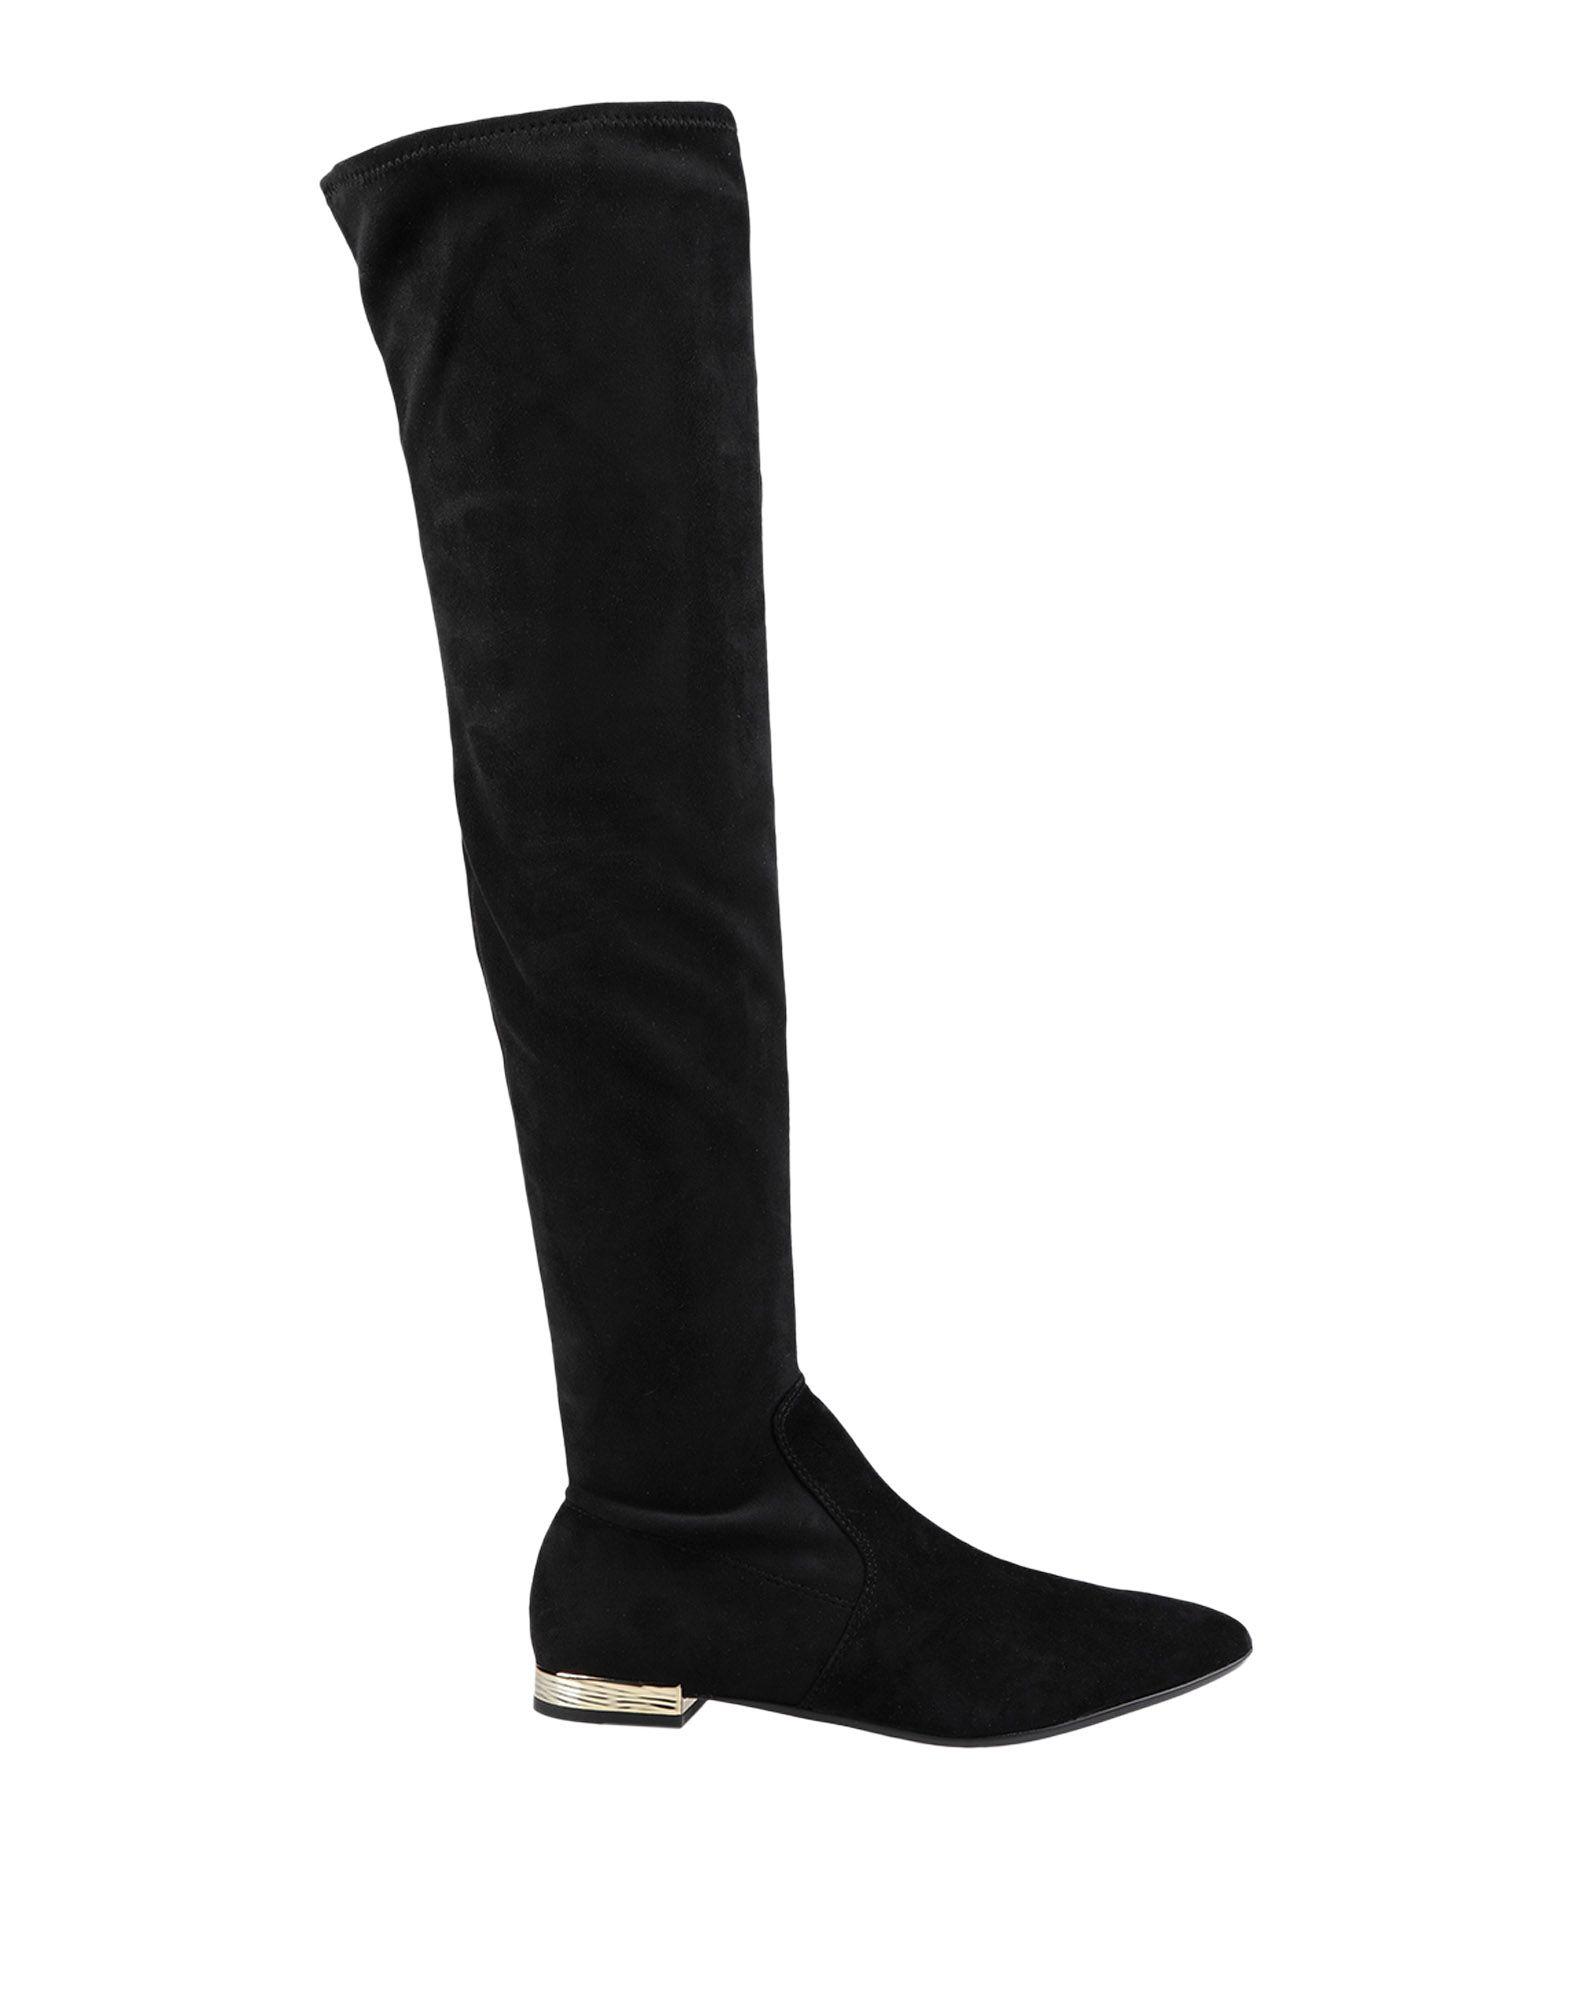 《送料無料》JUICY COUTURE レディース ブーツ ブラック 36 革 / 紡績繊維